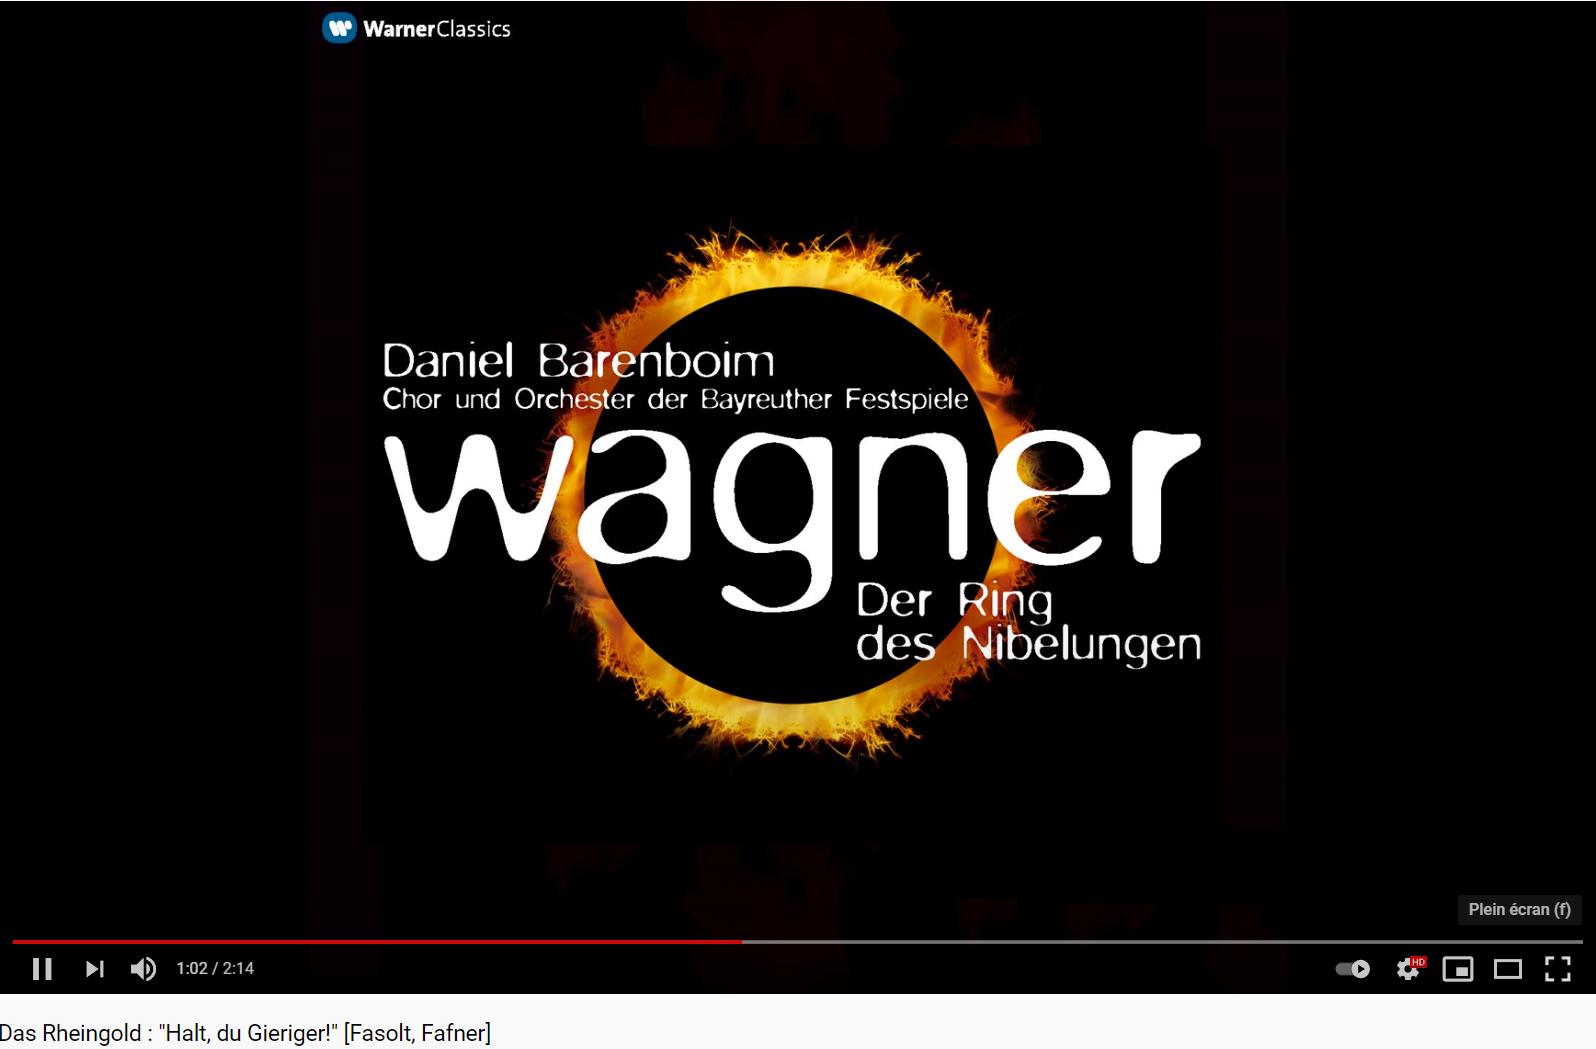 Wagner das Rheingold Fafner und Fasolt